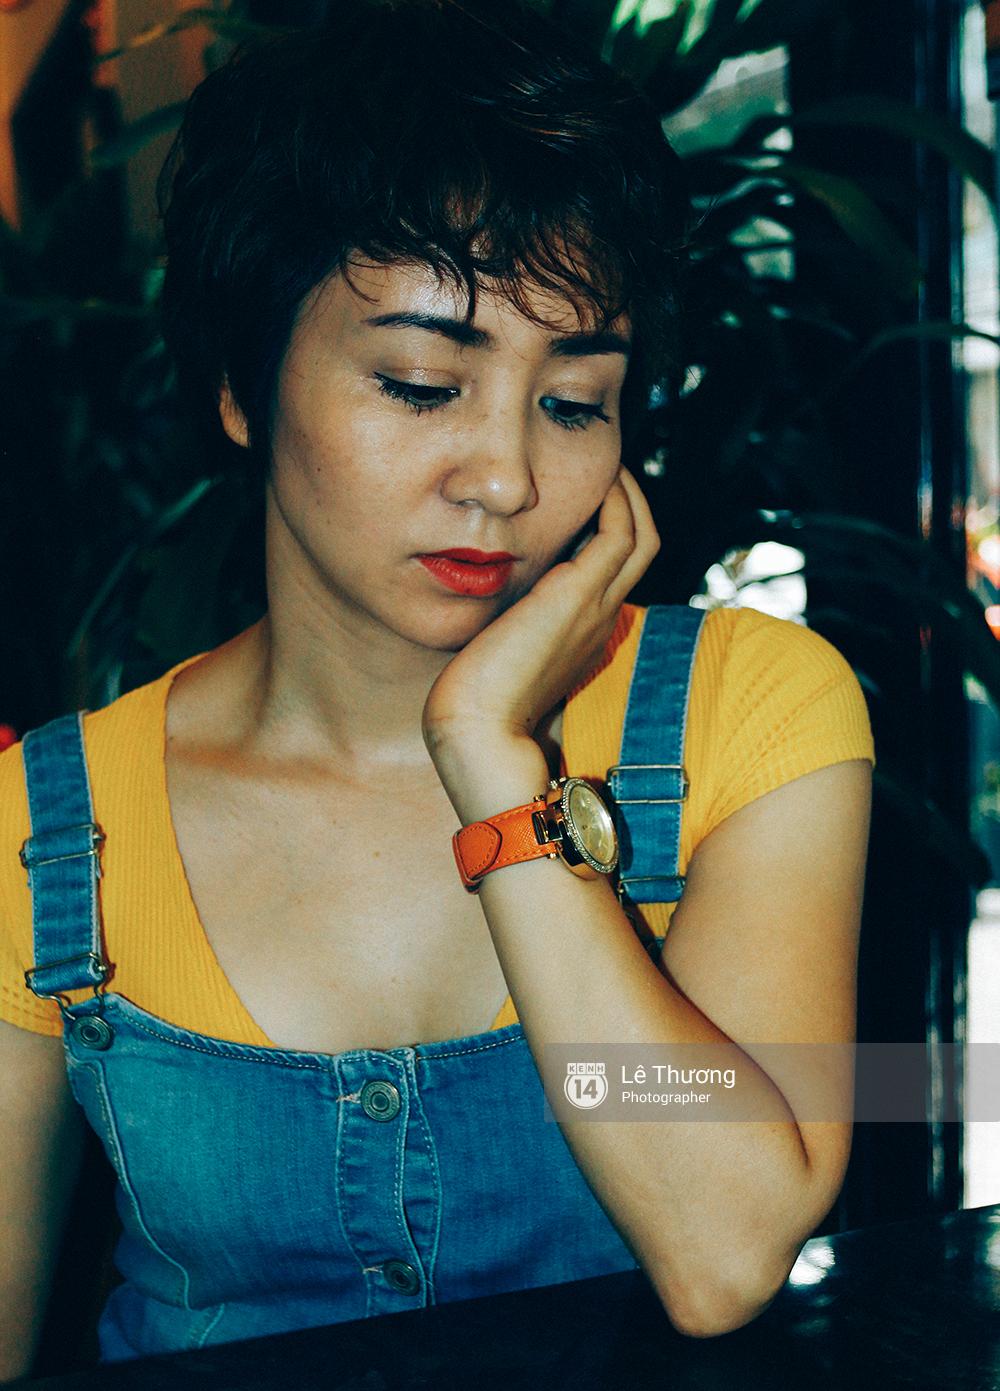 Nữ hoàng Wushu Việt Nam Thúy Hiền: Có lúc tôi muốn chết cho xong - Ảnh 4.